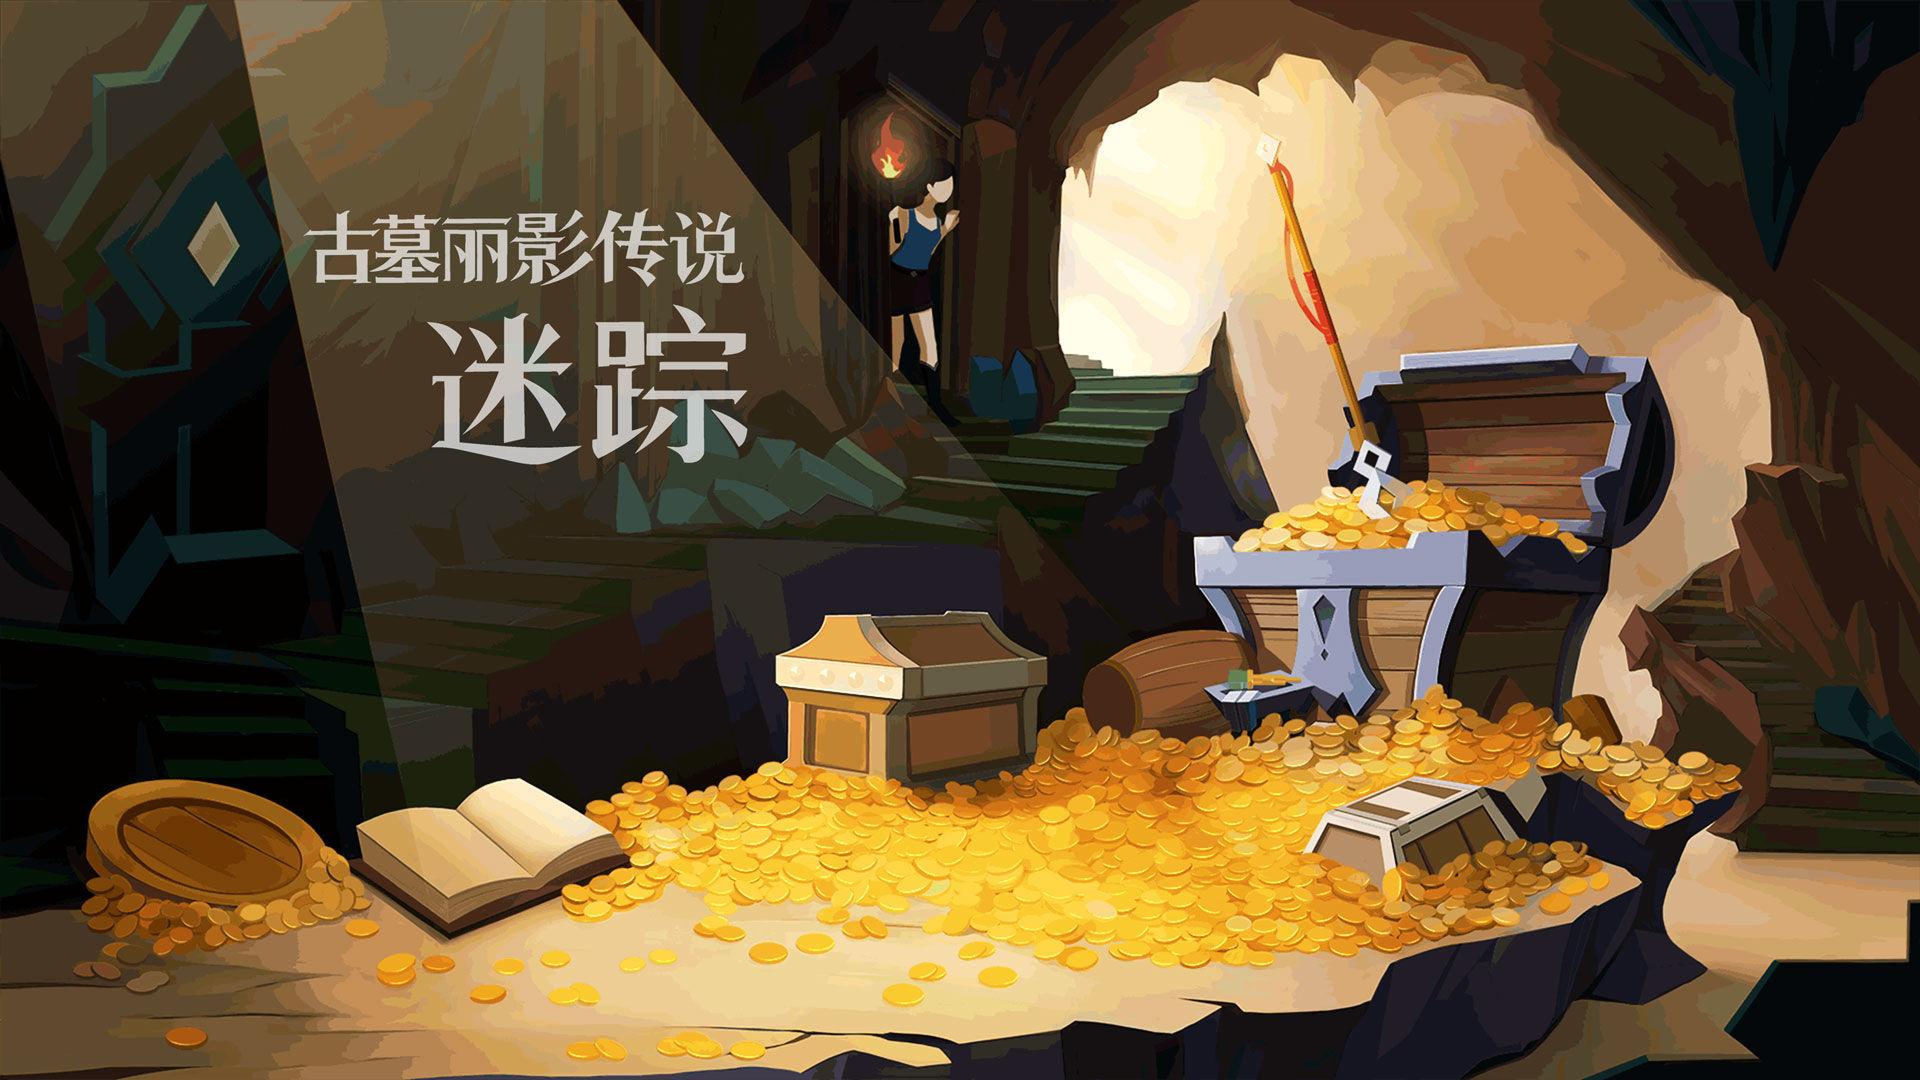 古墓丽影传说迷踪游戏下载-古墓丽影传说迷踪安卓版/iOS版/PC版-飞翔游戏库